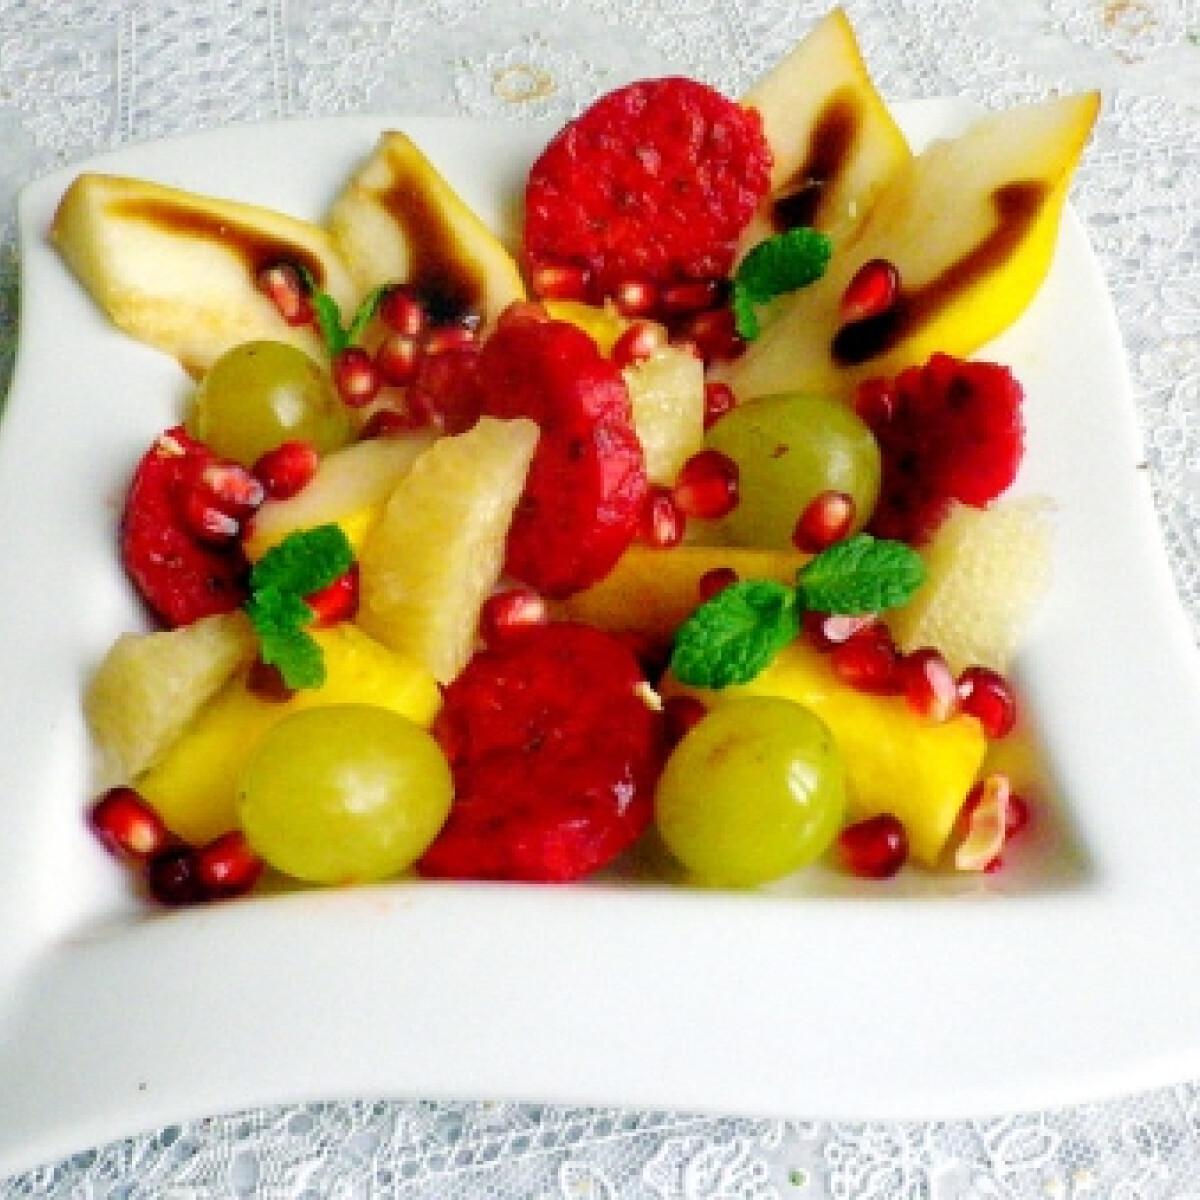 Ezen a képen: Gyümölcssaláta Évi néni konyhájából